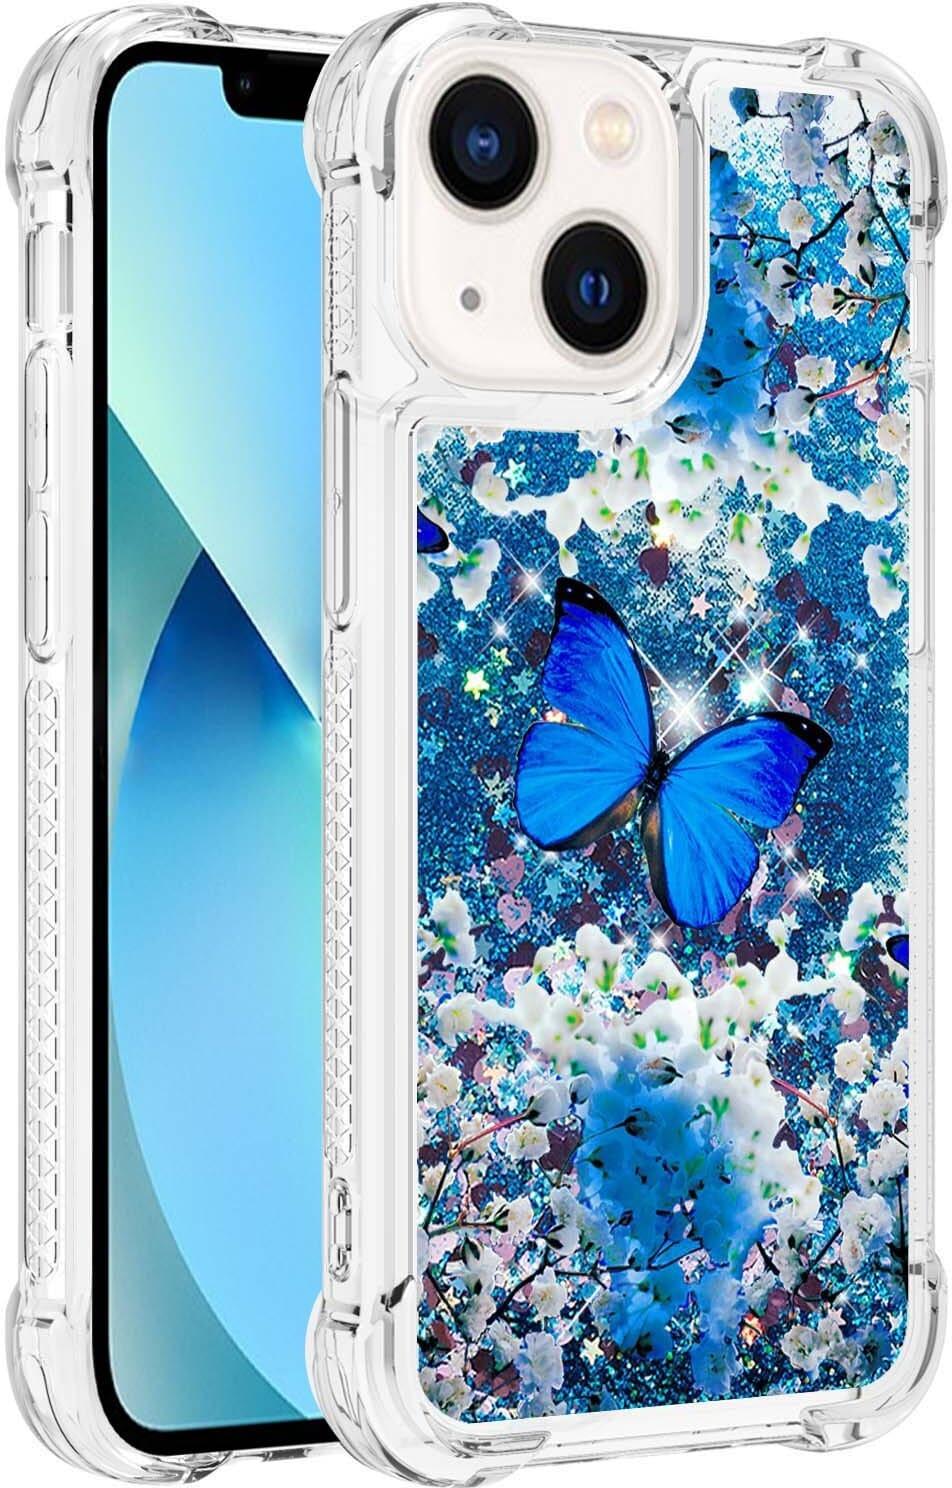 Trolsk Liquid Glitter Case - Butterfly